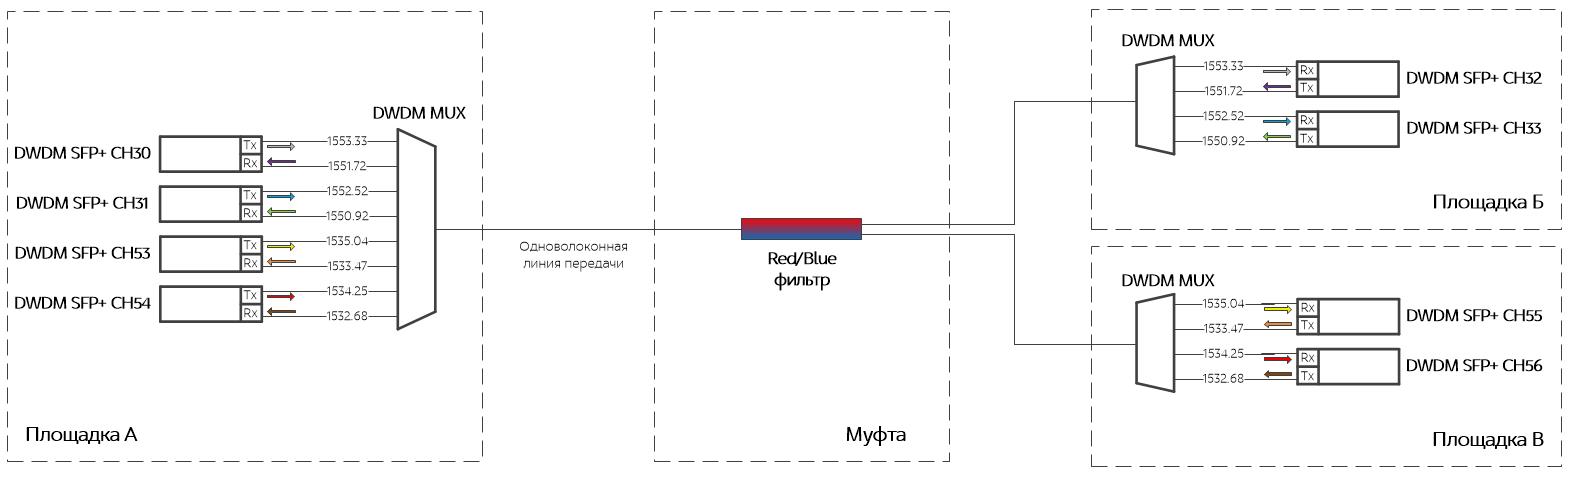 Схема фильтра для для одного из клиентов